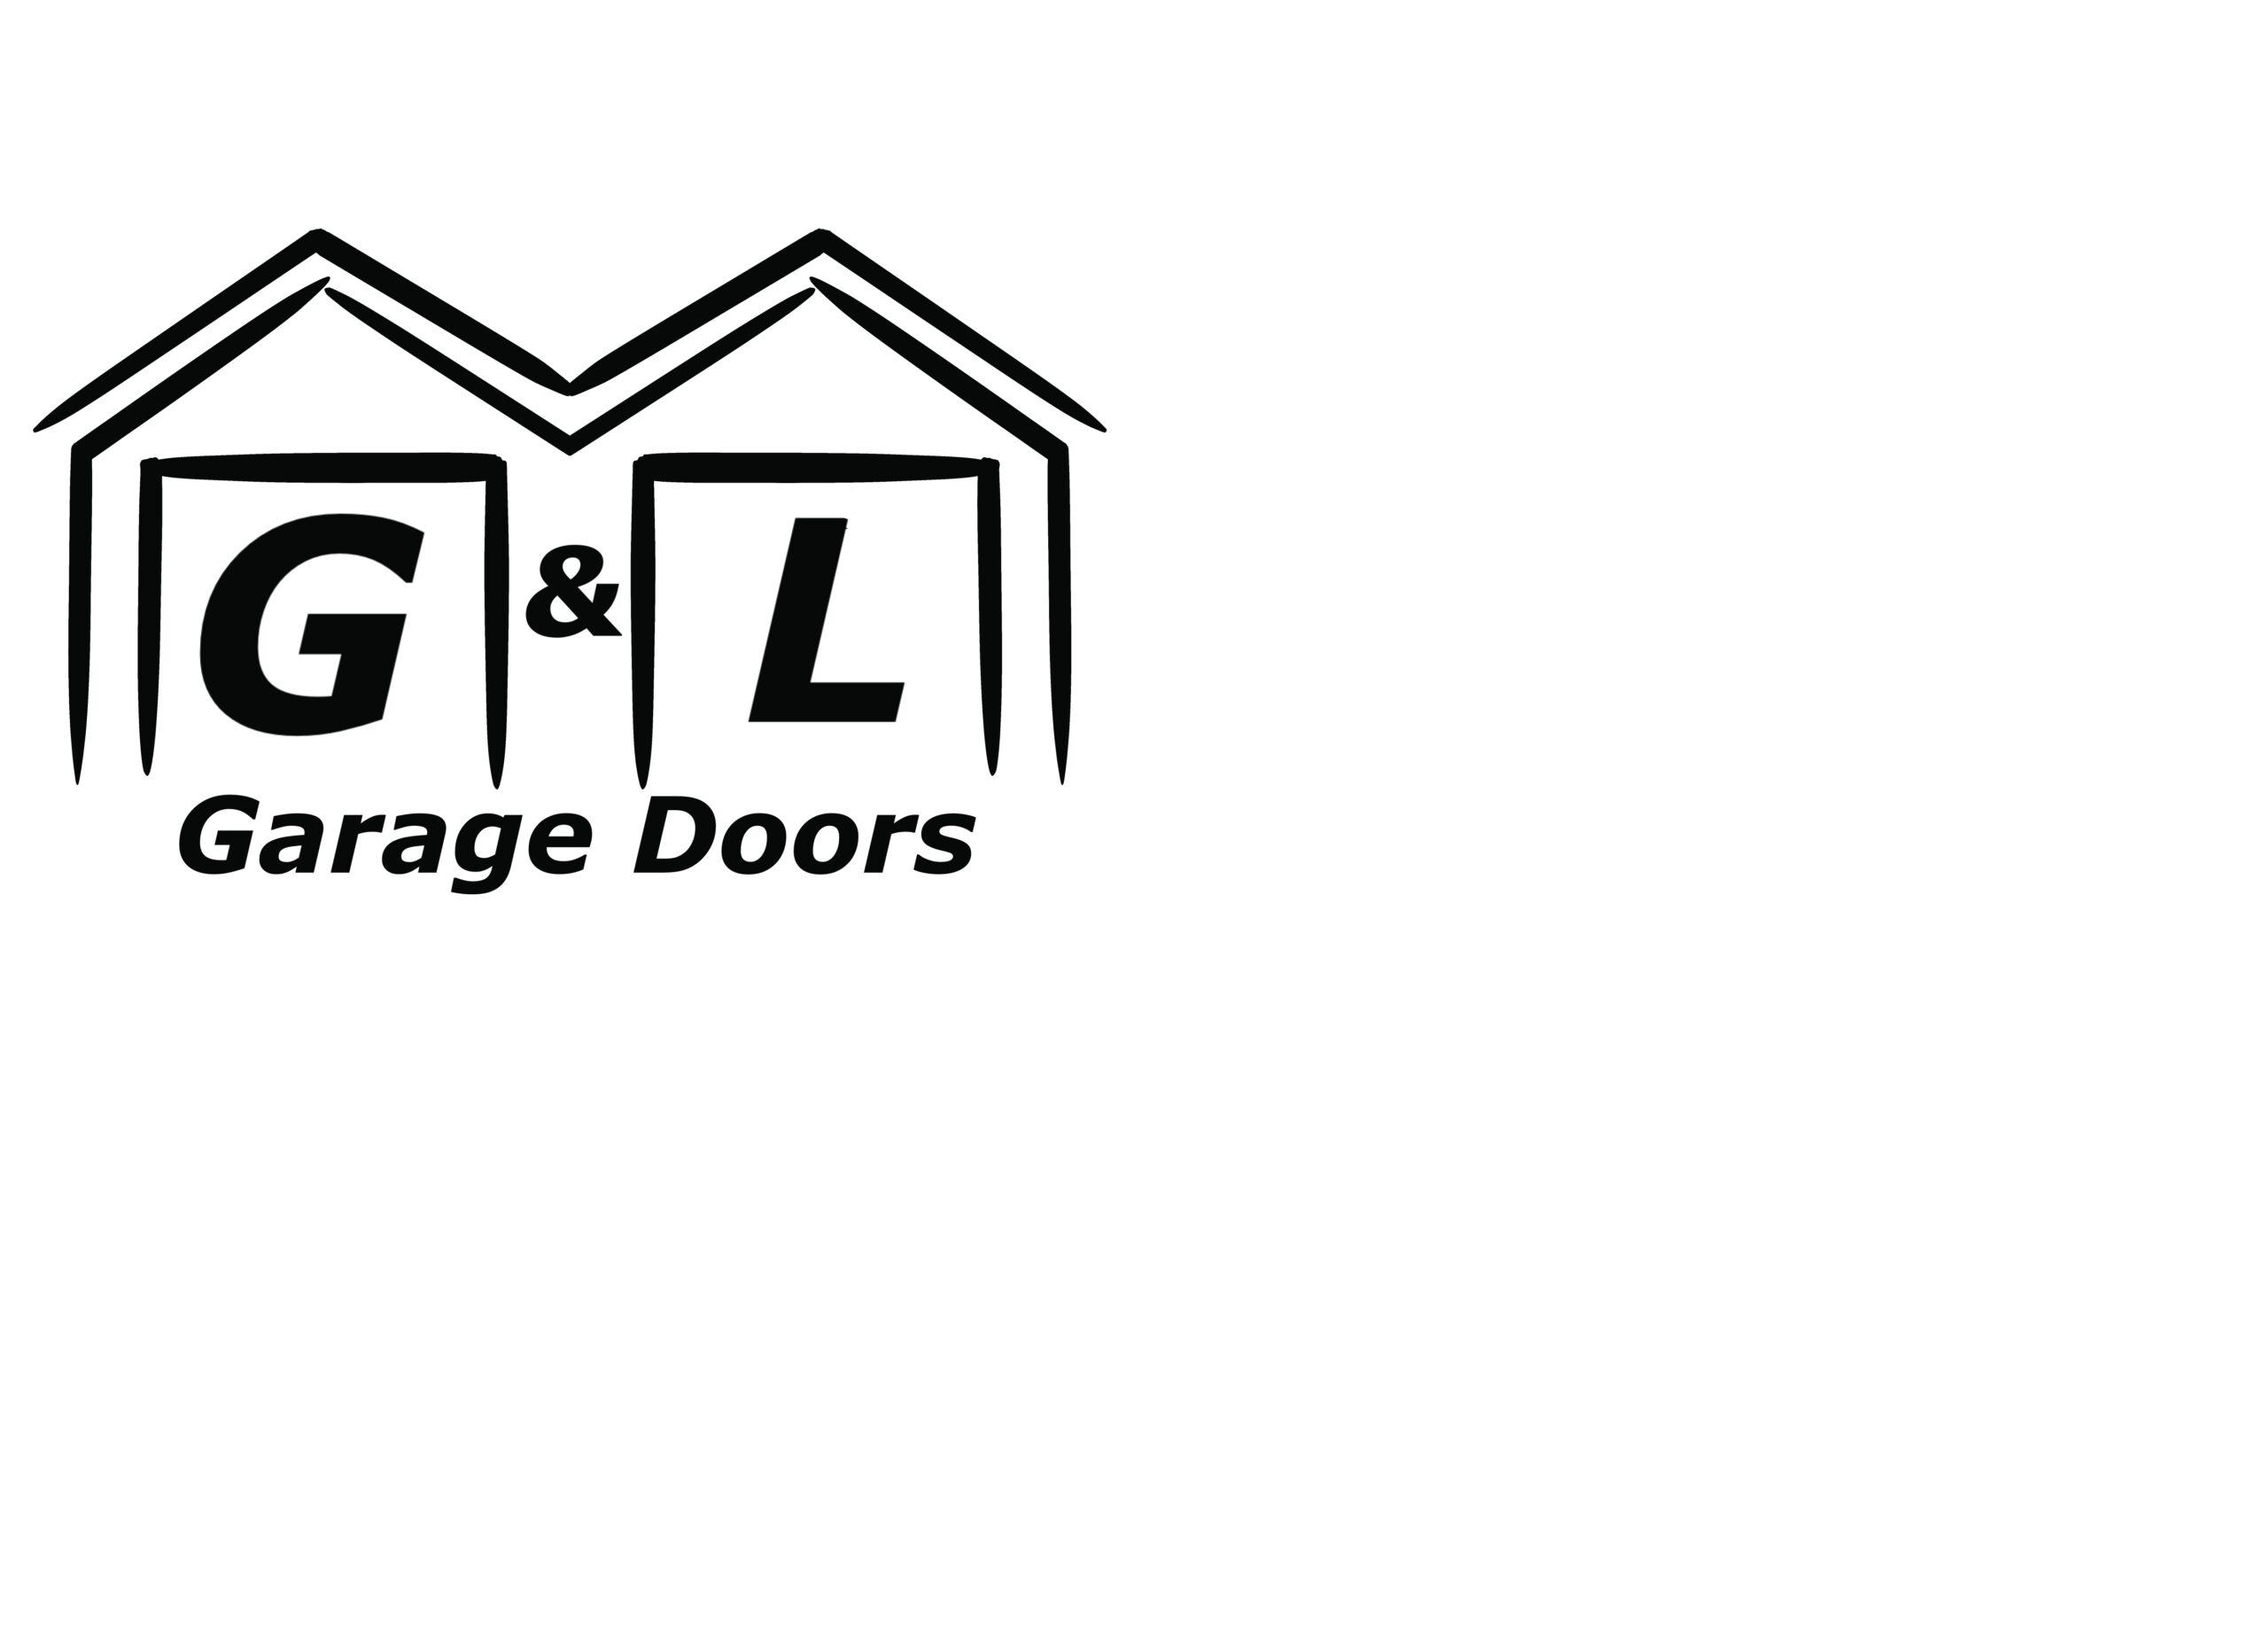 G and L Garage Doors